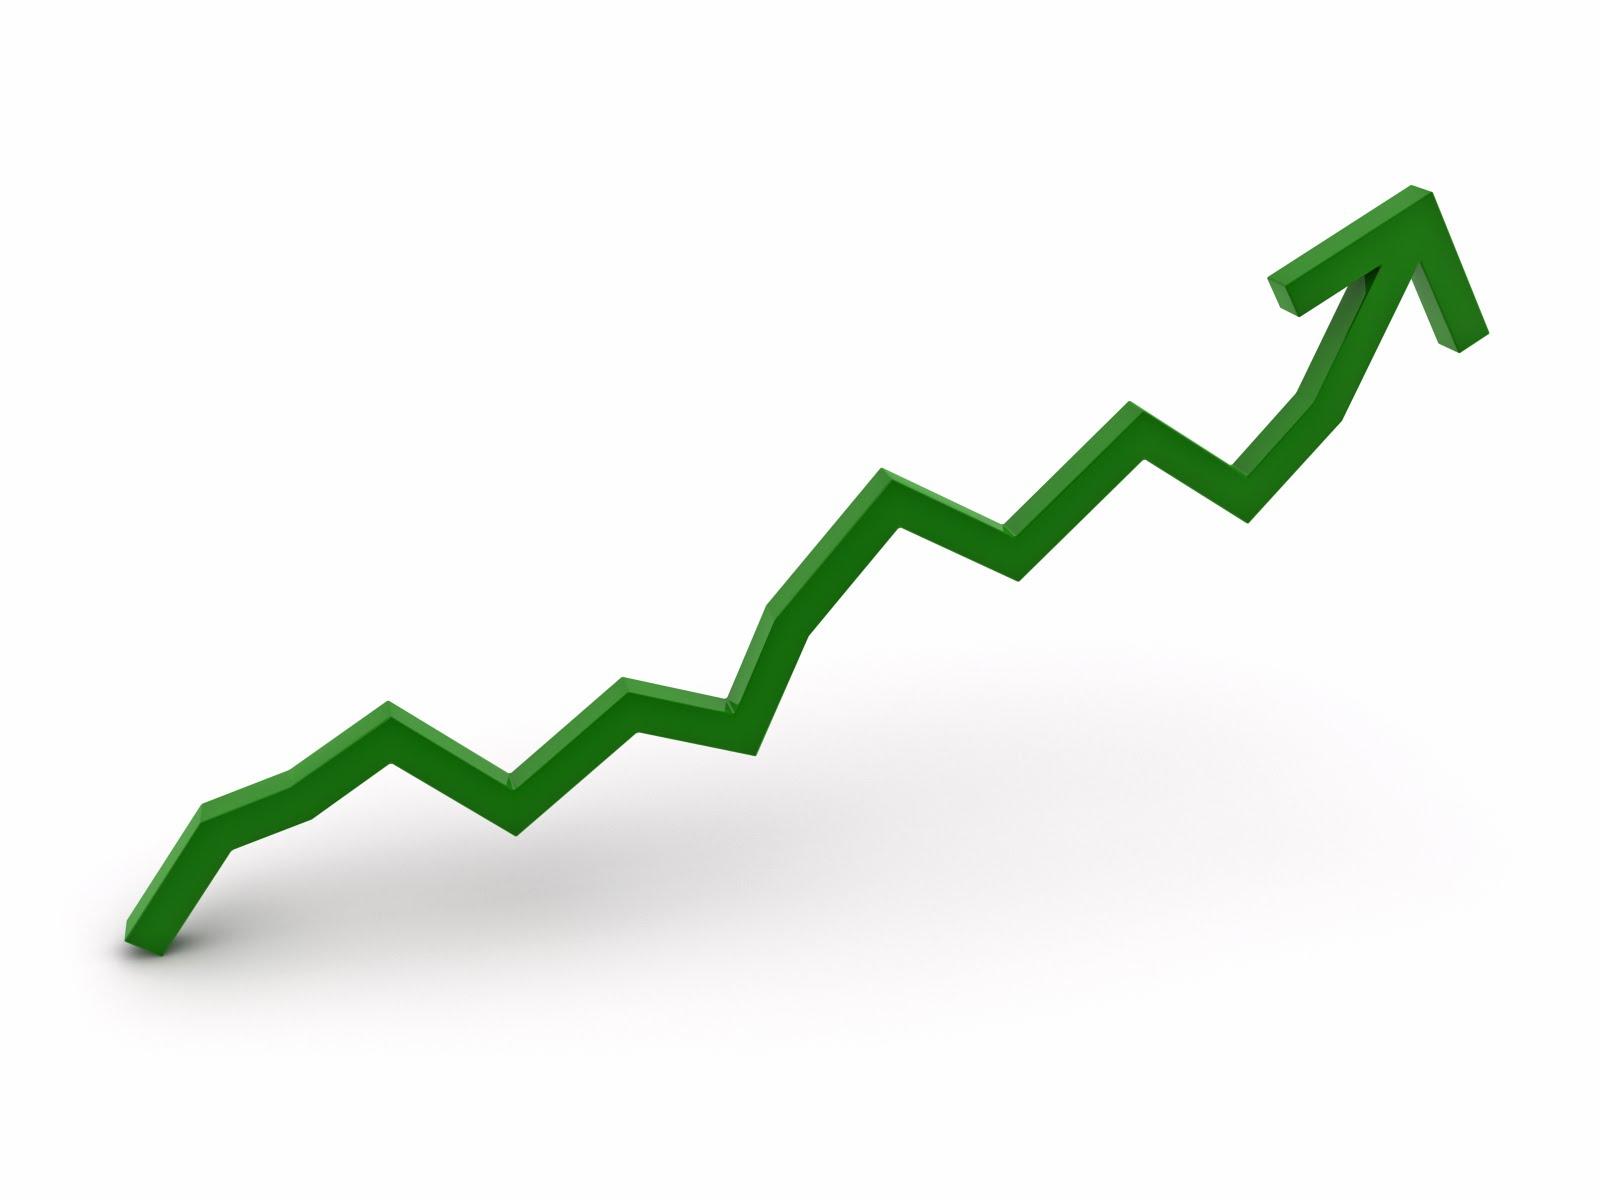 http://1.bp.blogspot.com/_aZvXljs-eZc/TScjF_NEr9I/AAAAAAAAAxU/vnBUwMjp5C8/s1600/boost_business.jpg